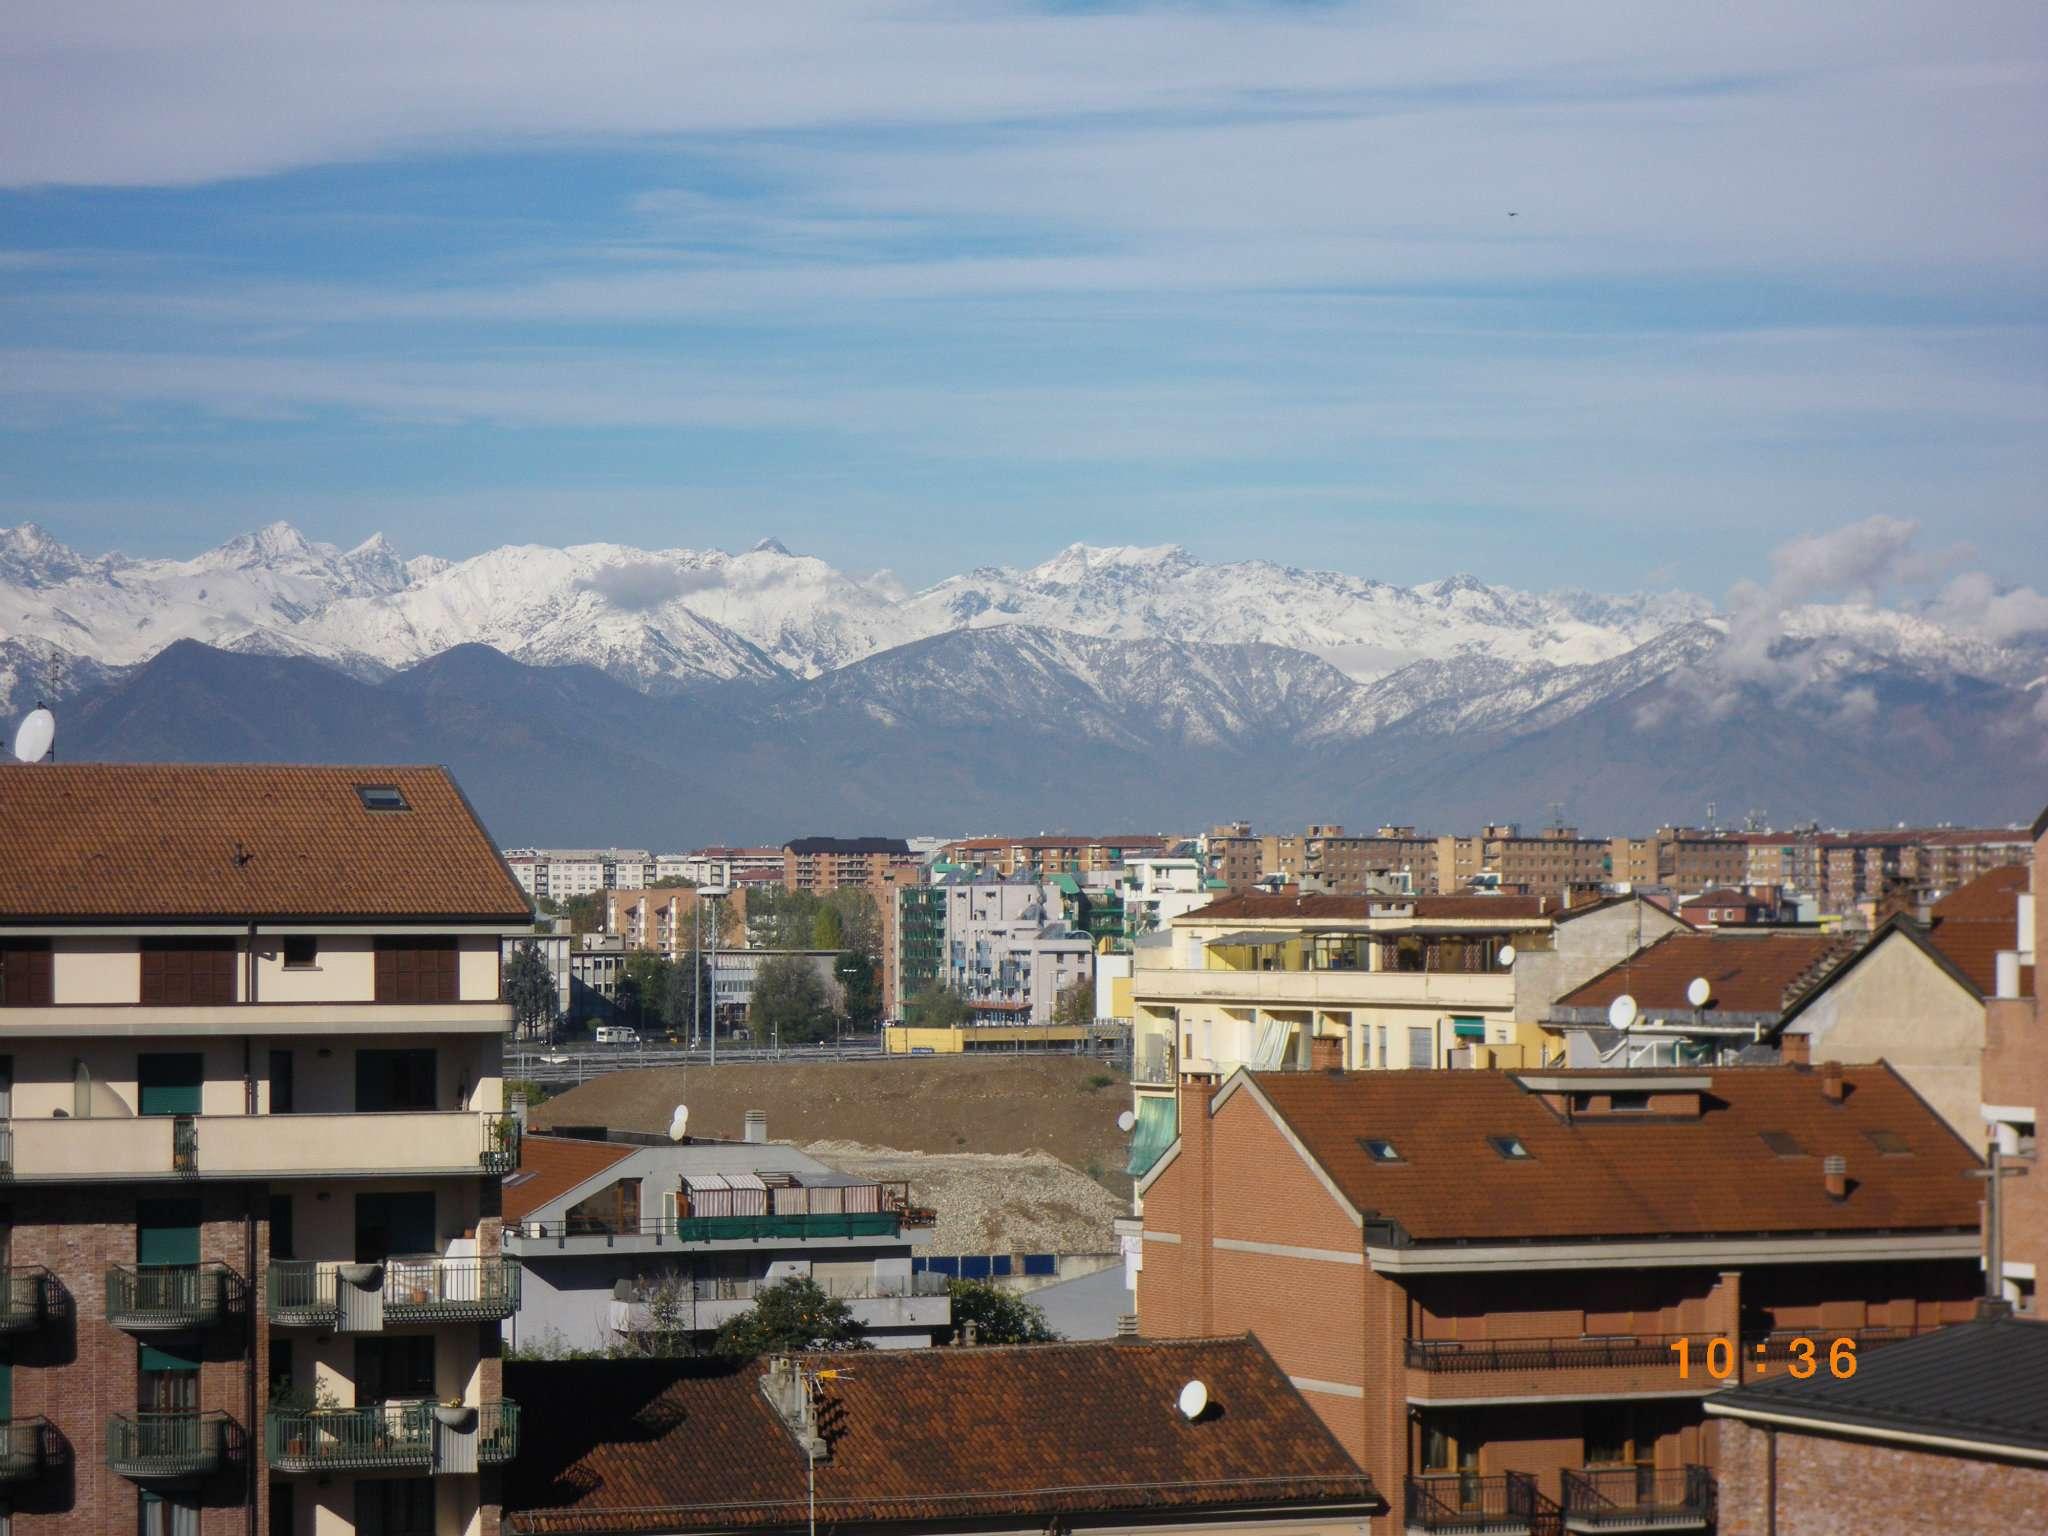 Appartamento in vendita a Torino, 4 locali, zona Zona: 4 . Nizza Millefonti, Italia 61, Valentino, prezzo € 280.000 | CambioCasa.it